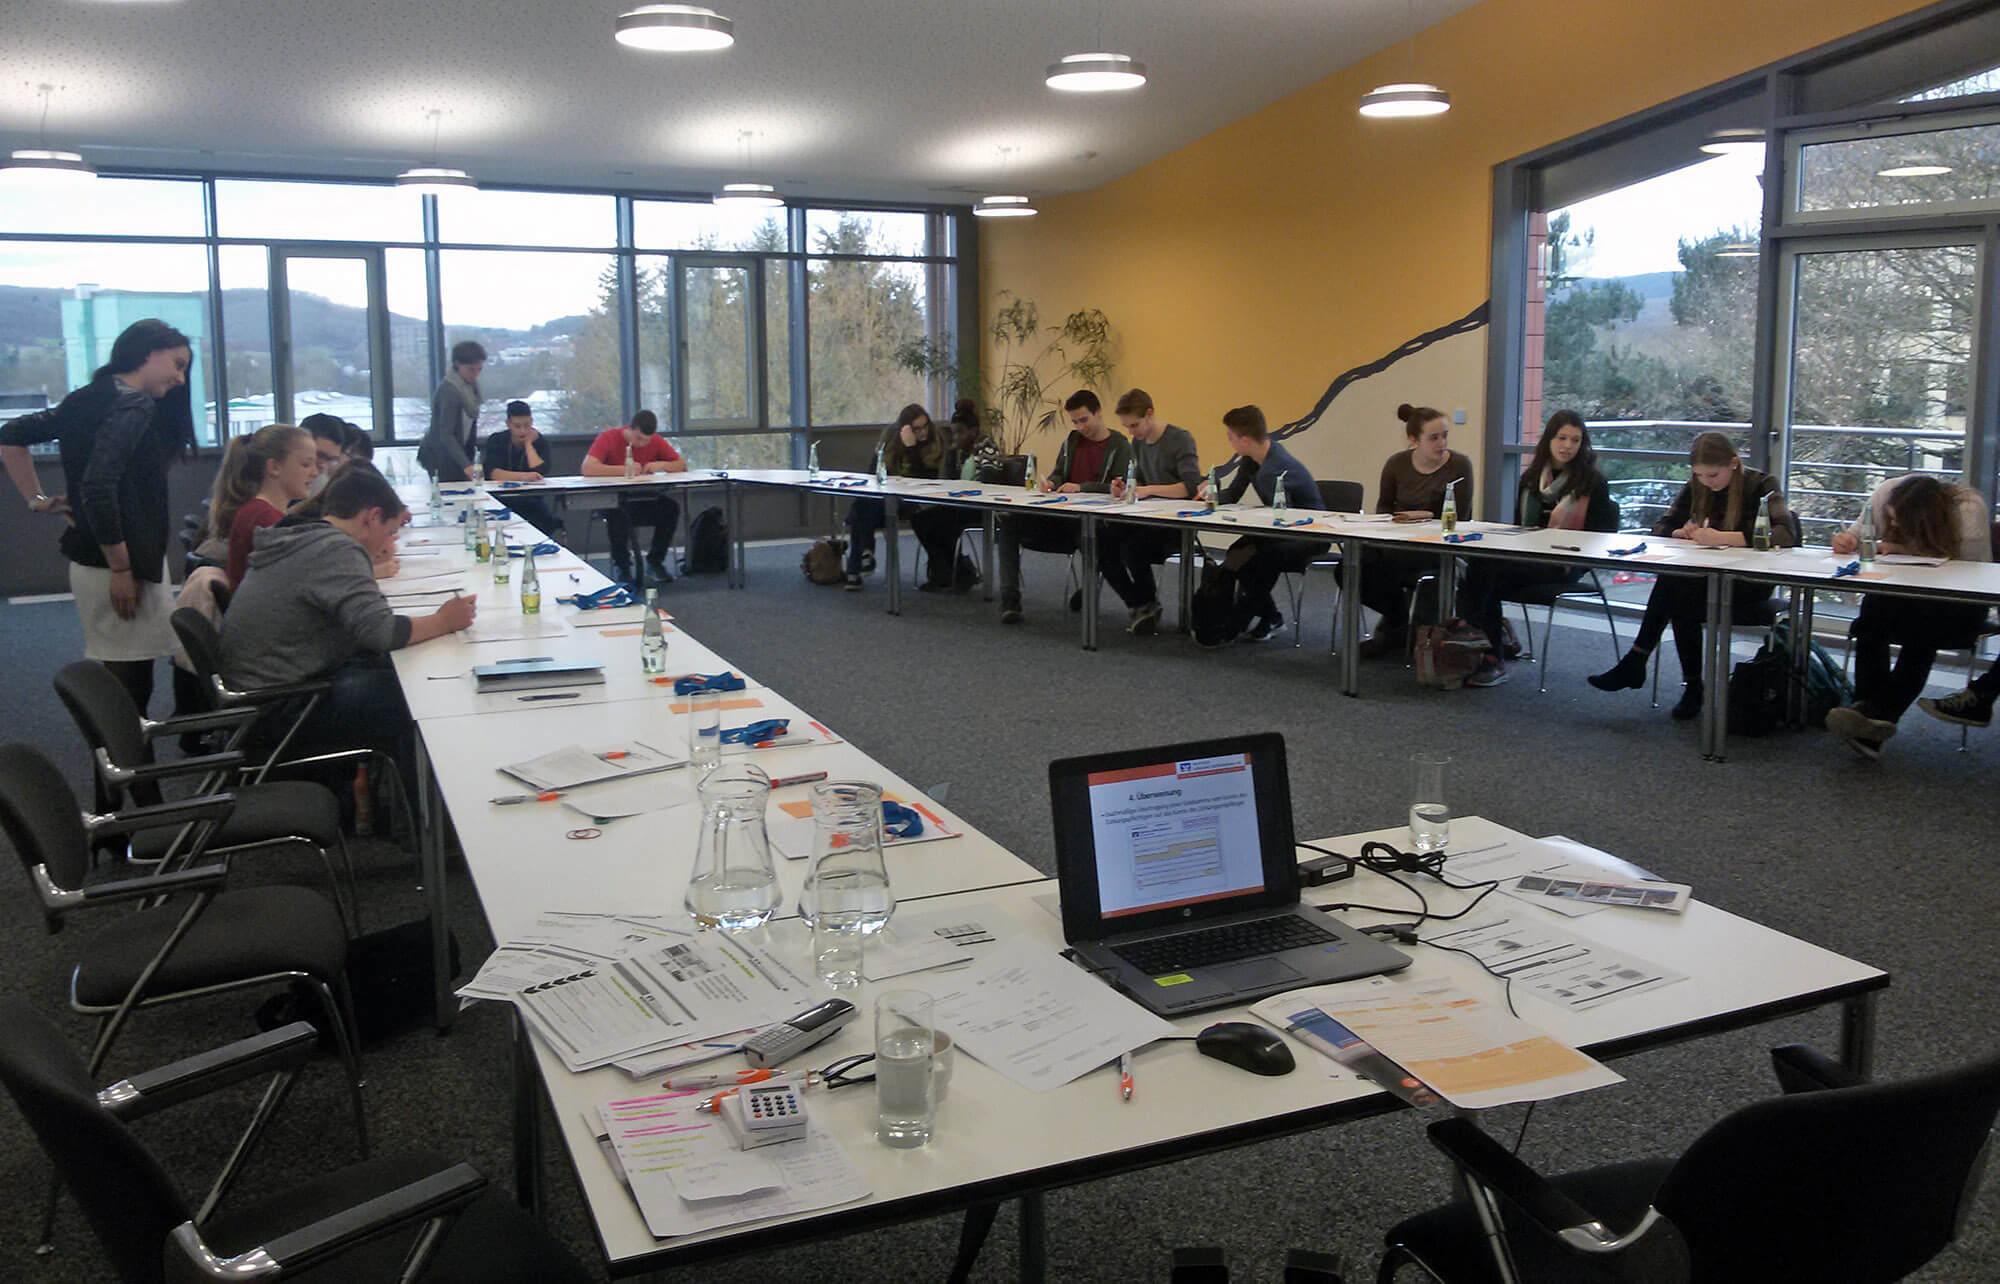 Praxistag: Realschule+ Manderscheid zu Besuch